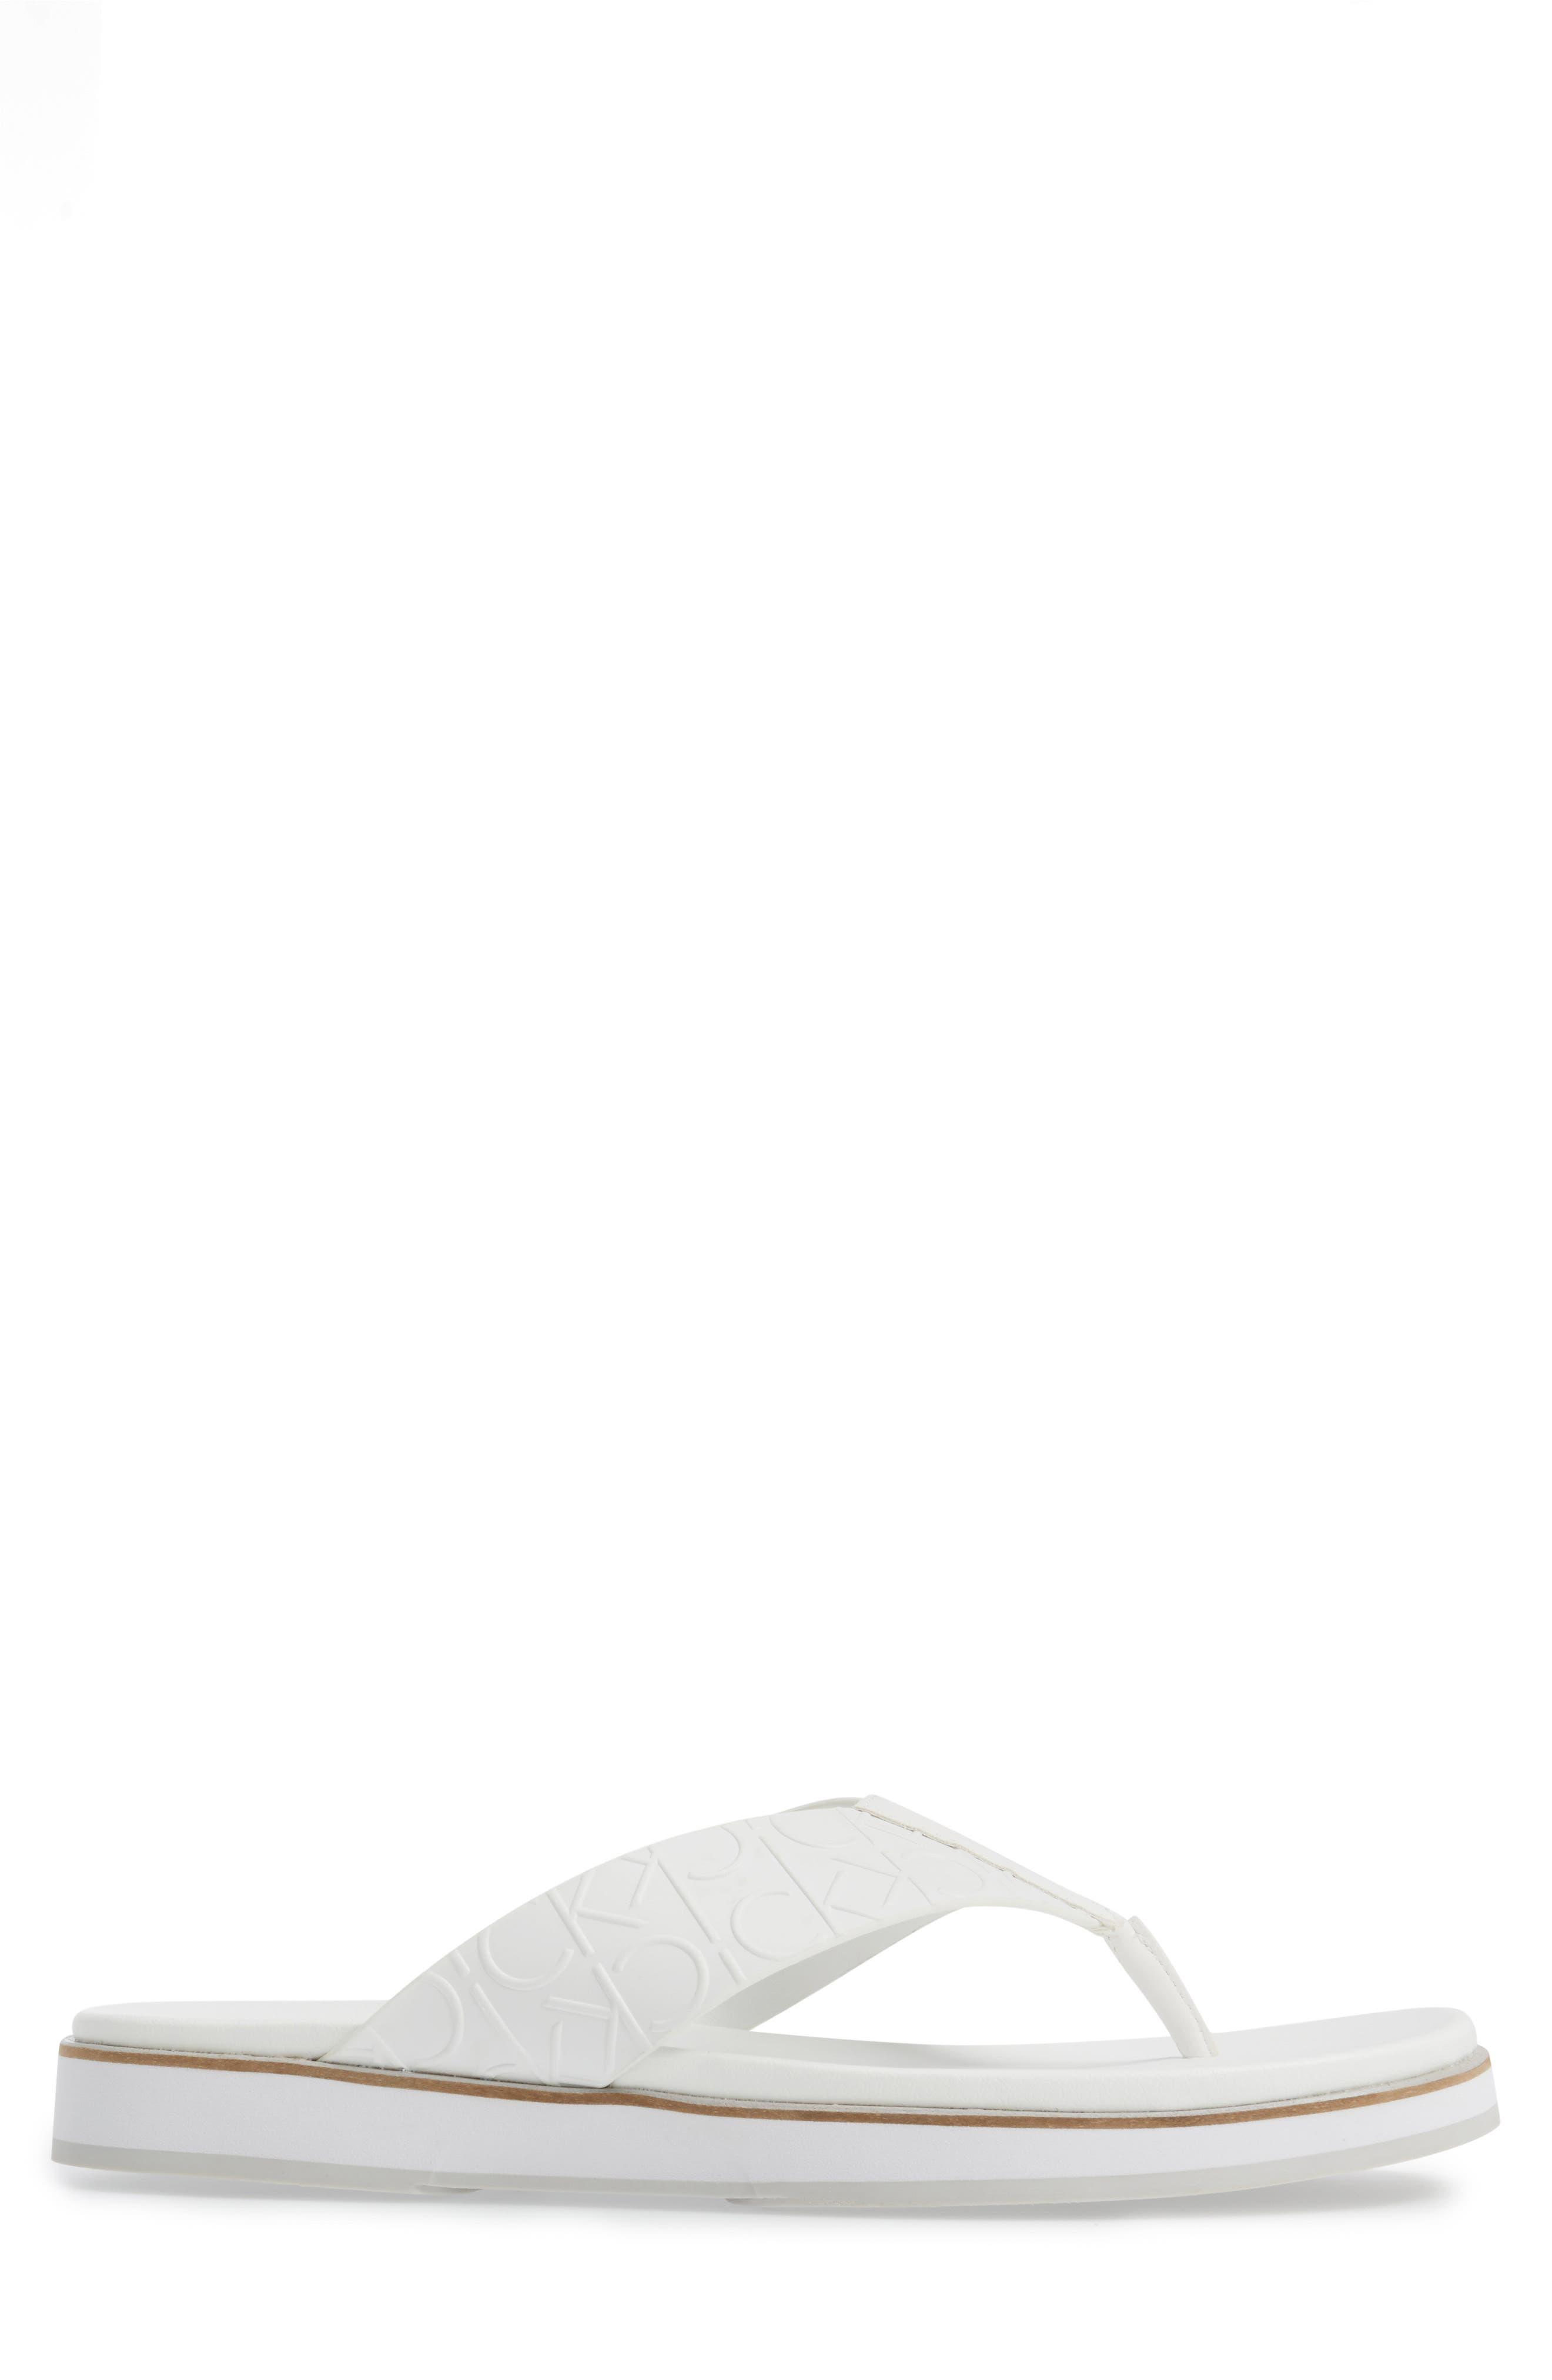 Alternate Image 3  - Calvin Klein Deano Flip Flop (Men)